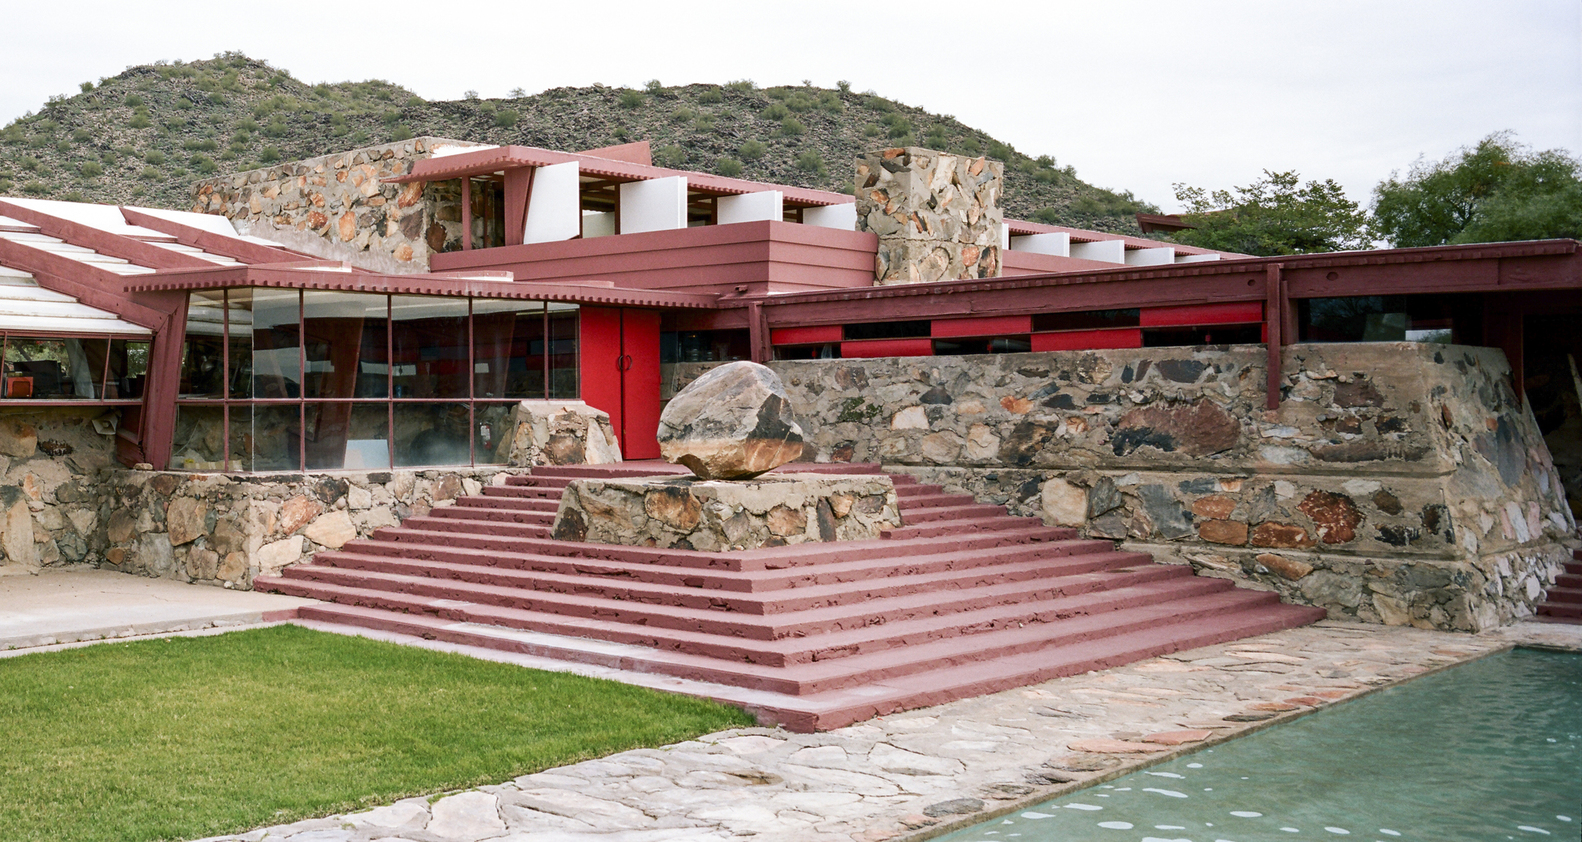 אייקונים באדריכלות: Taliesin West by Frank Lloyd Wright